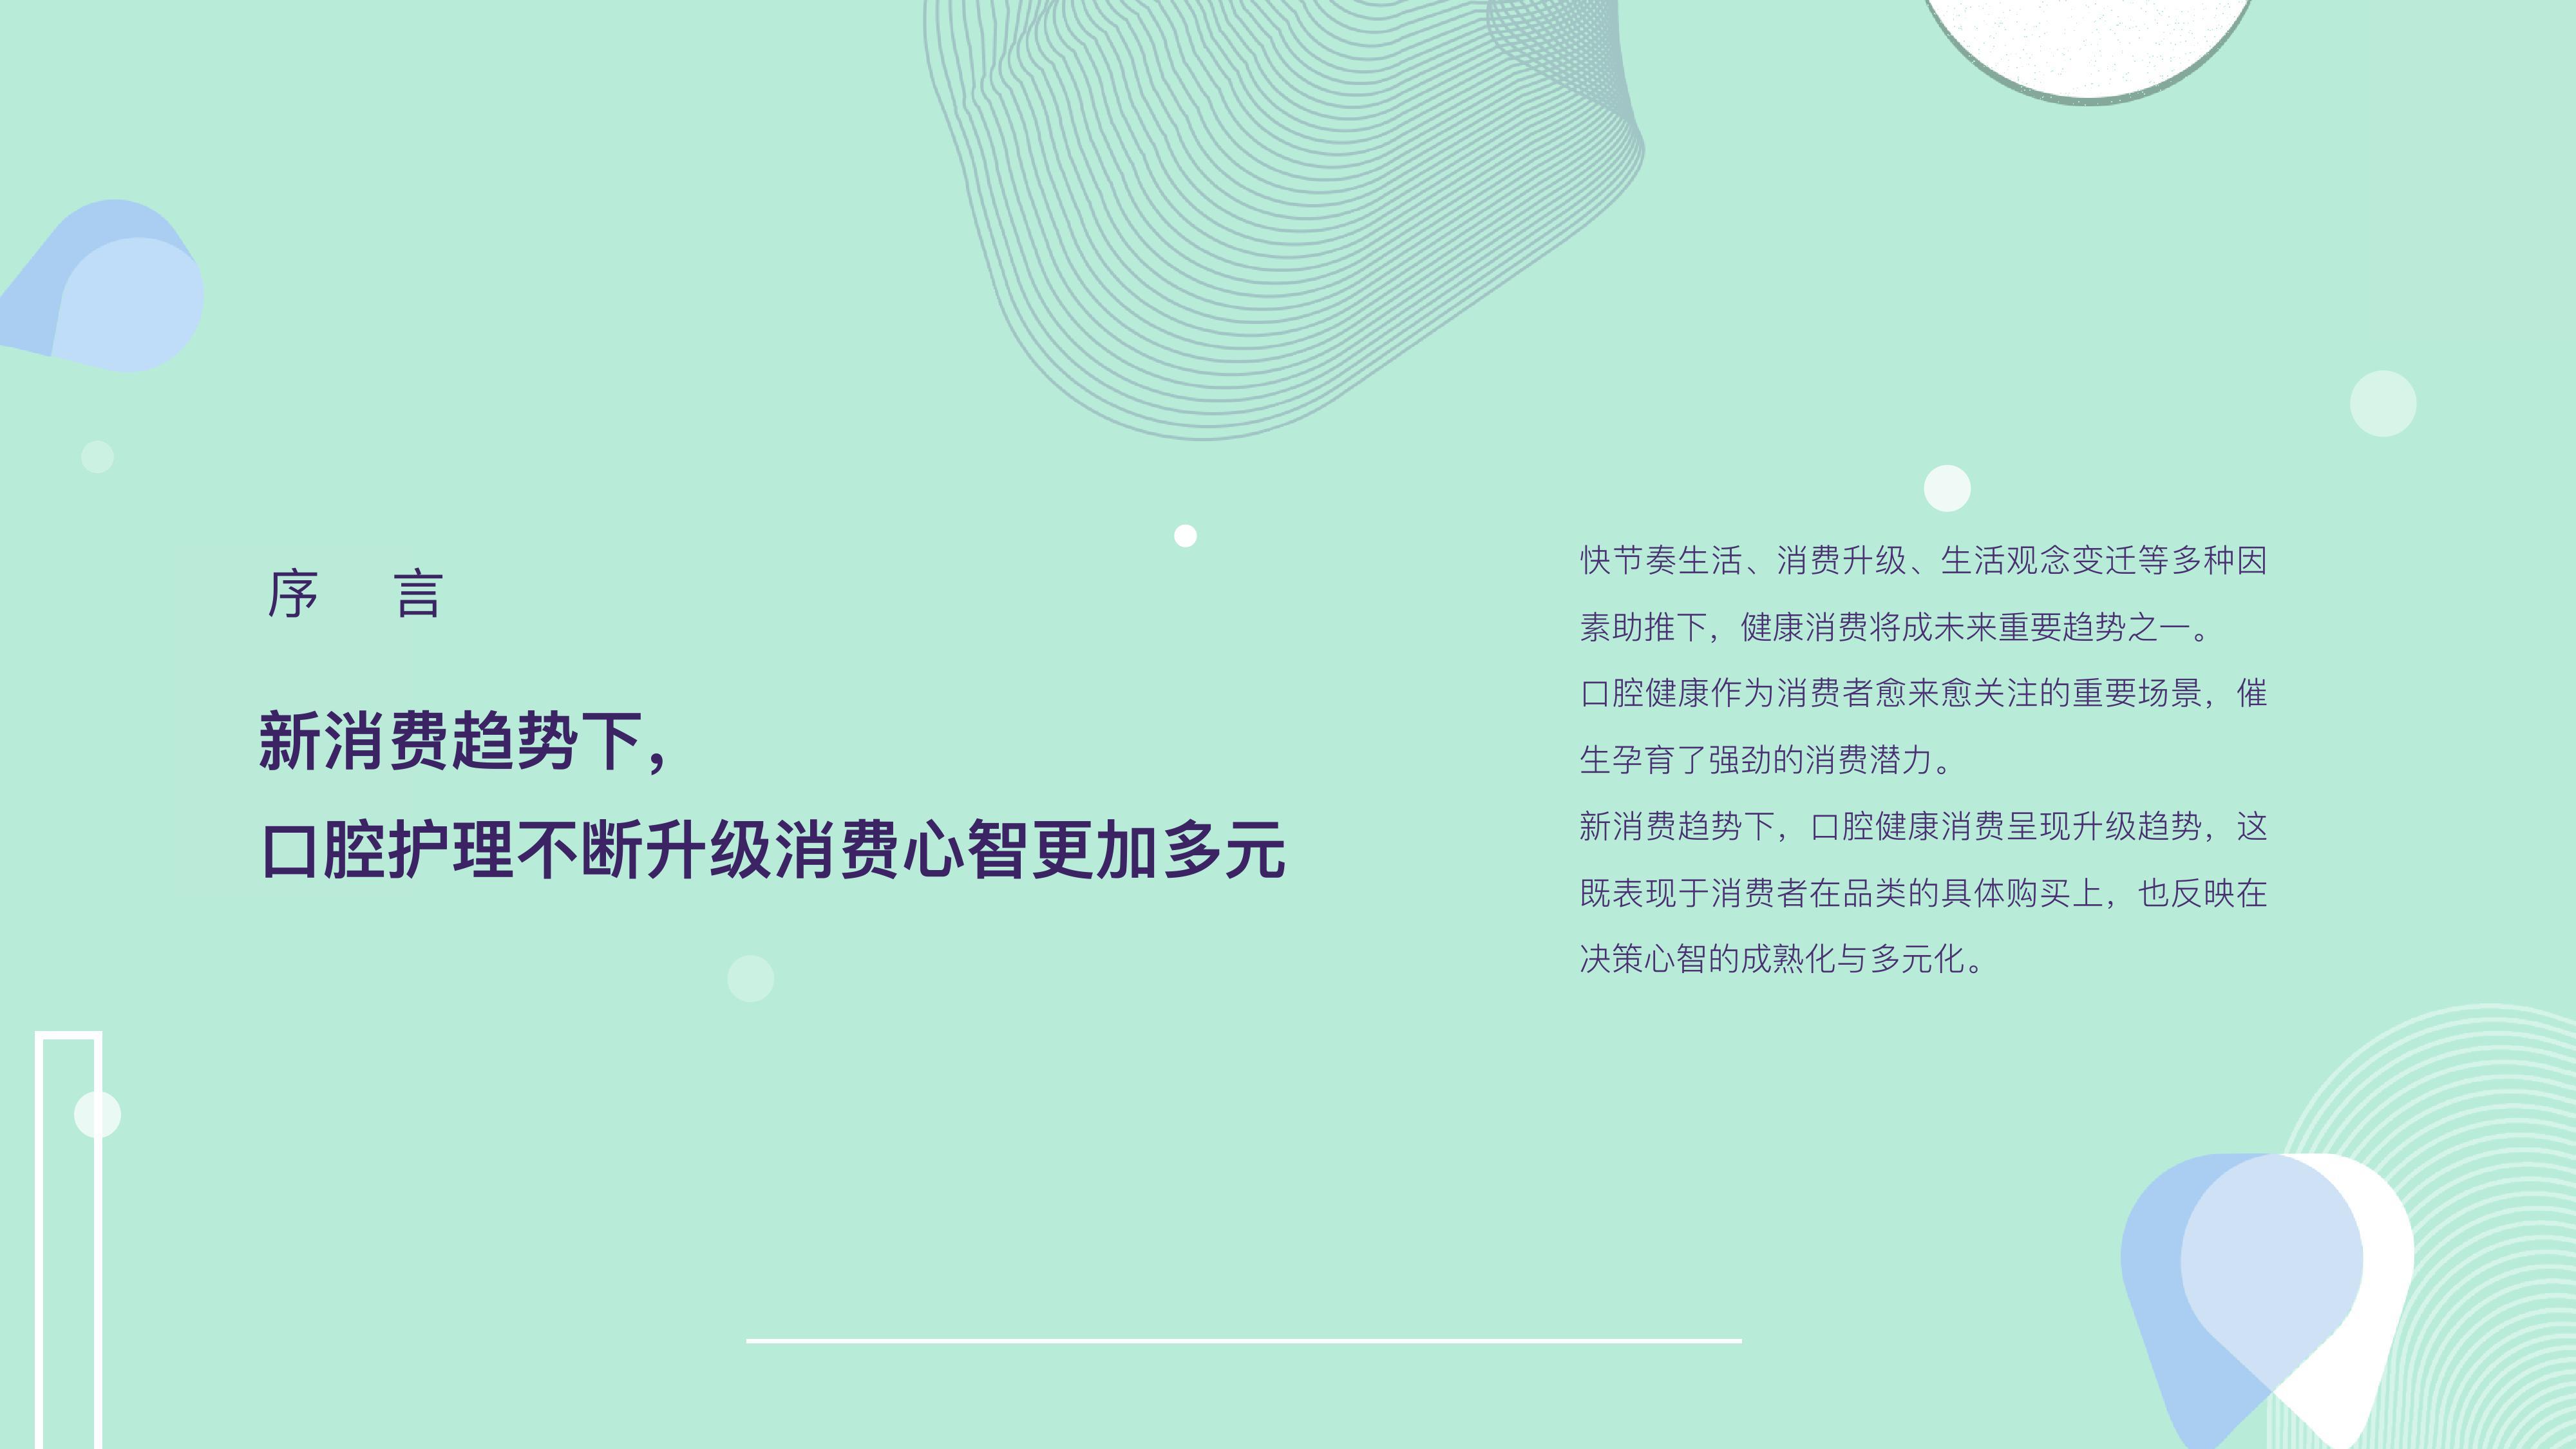 2018口腔护理行业与消费者洞察报告 PPT